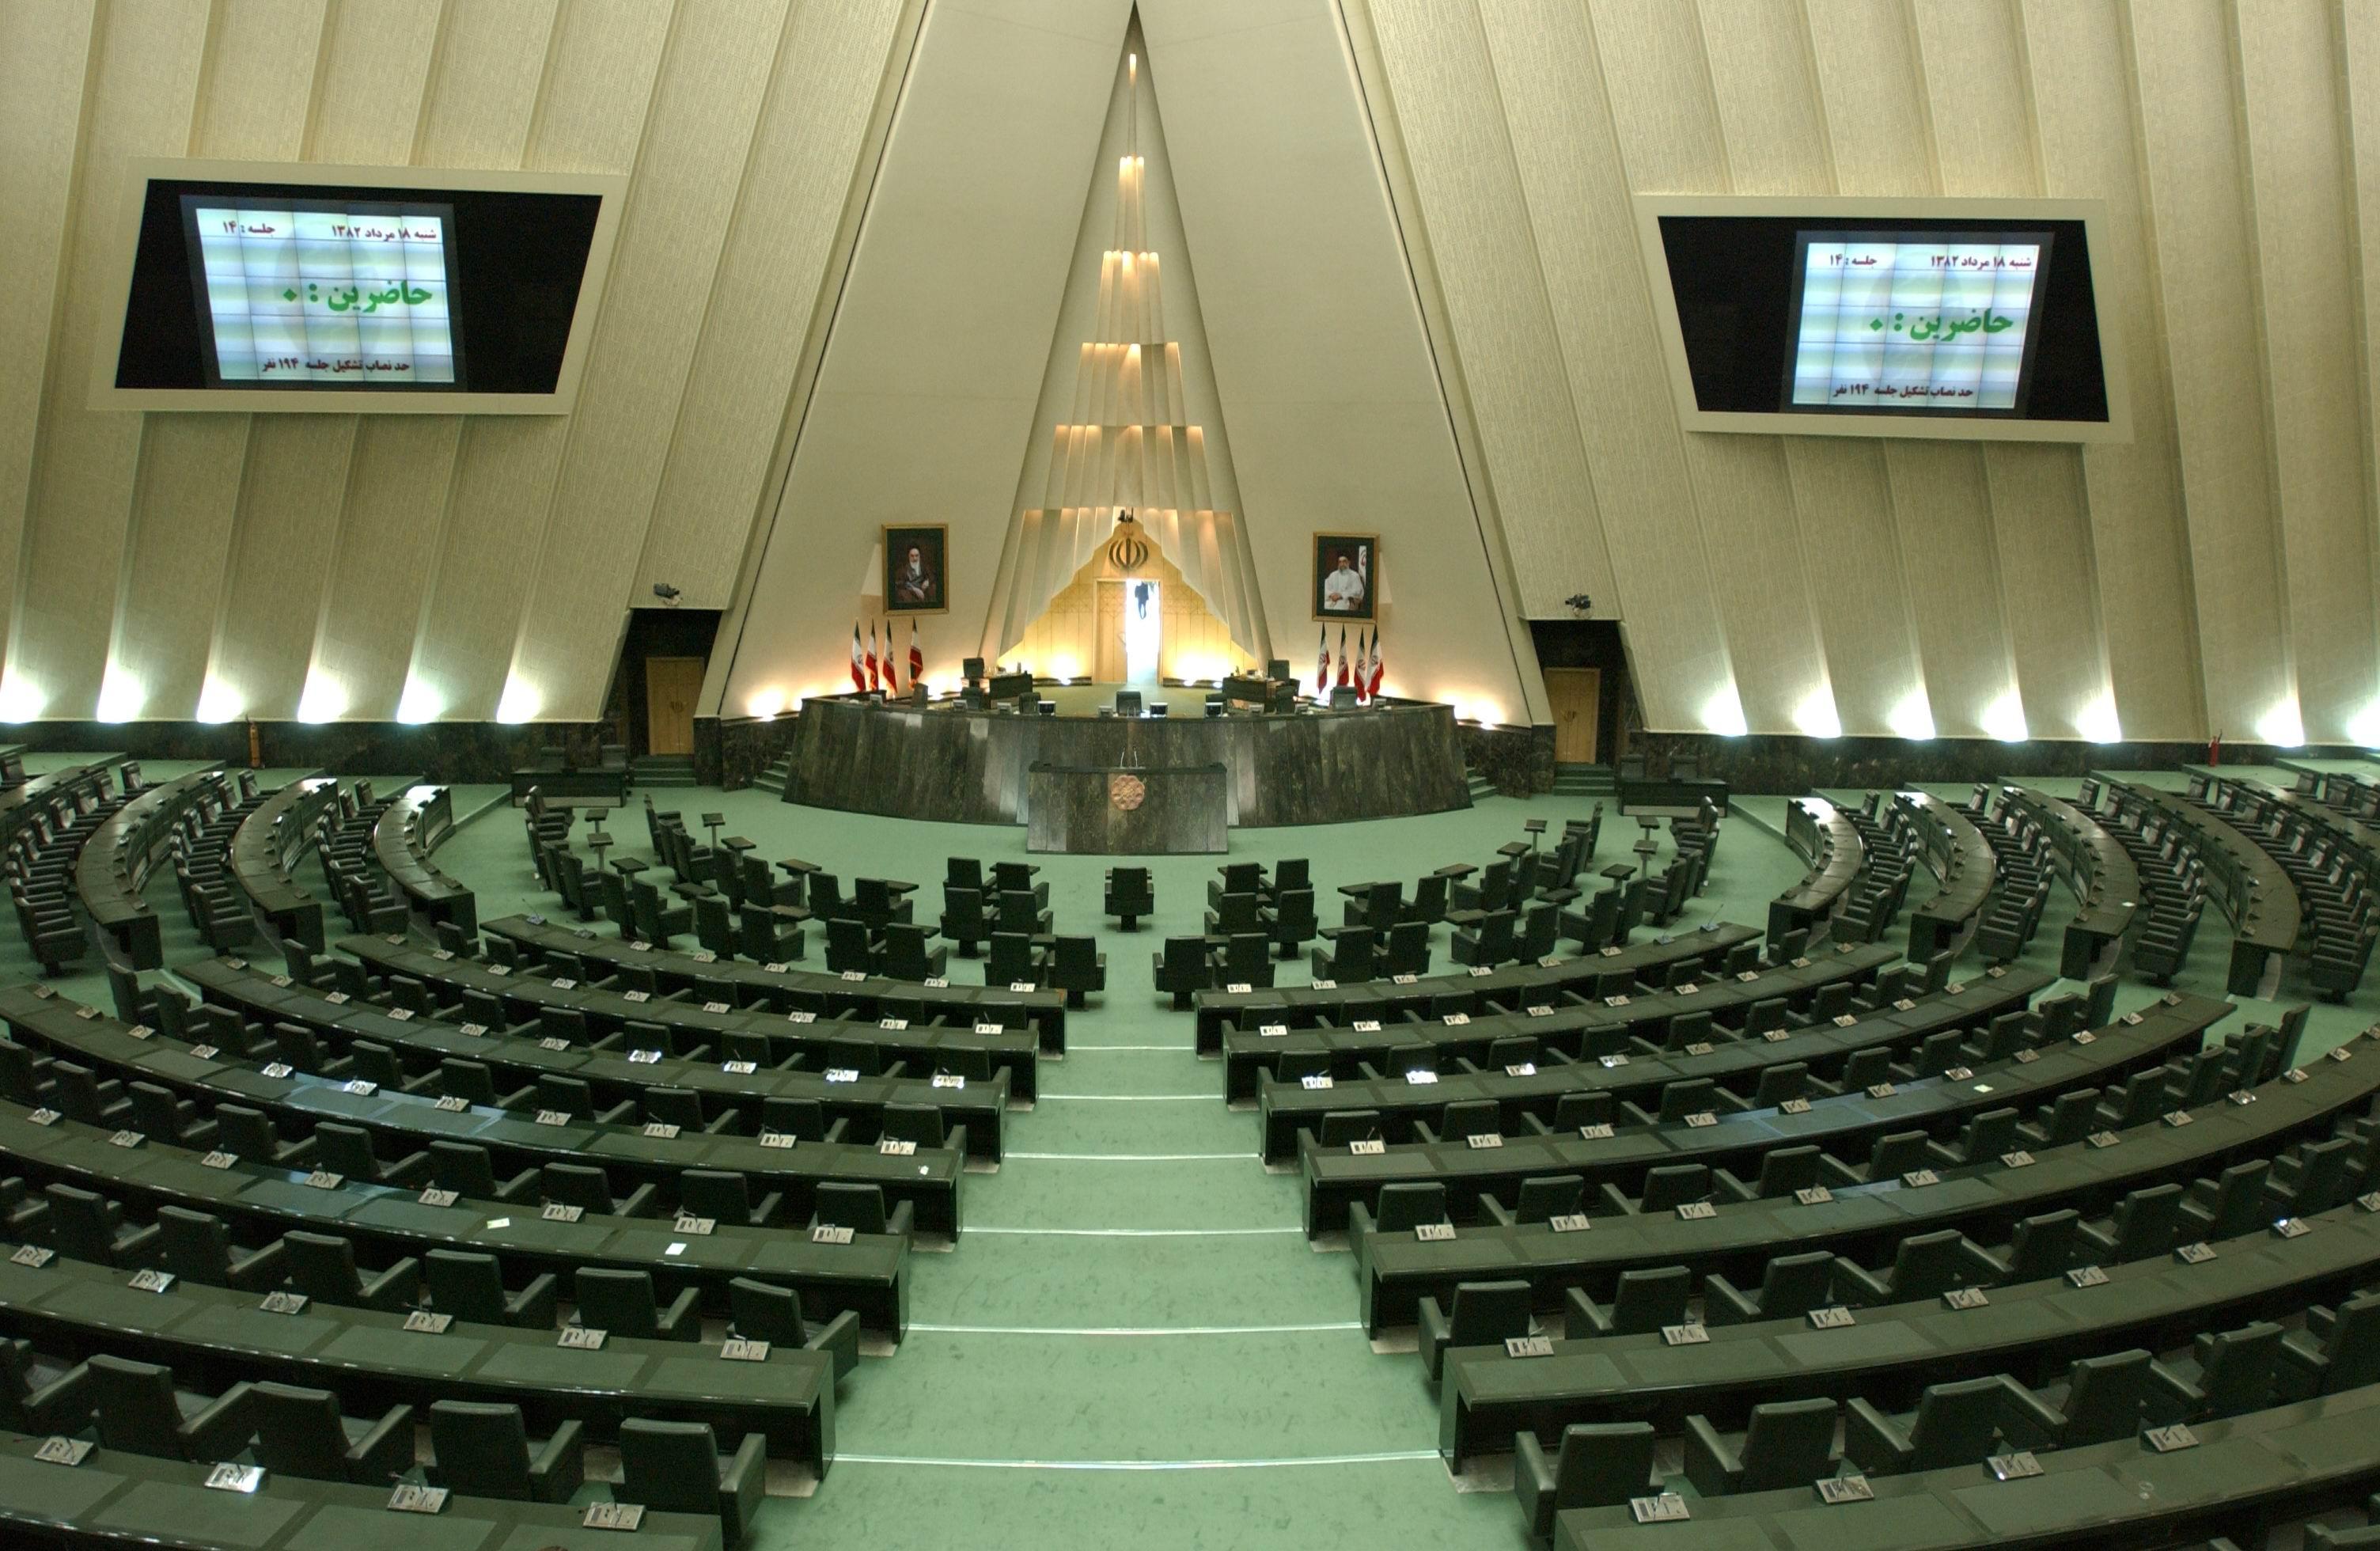 صندلیهای سبز «مجلس یازدهم» در انتظار وکلایی برای «کل ملت»